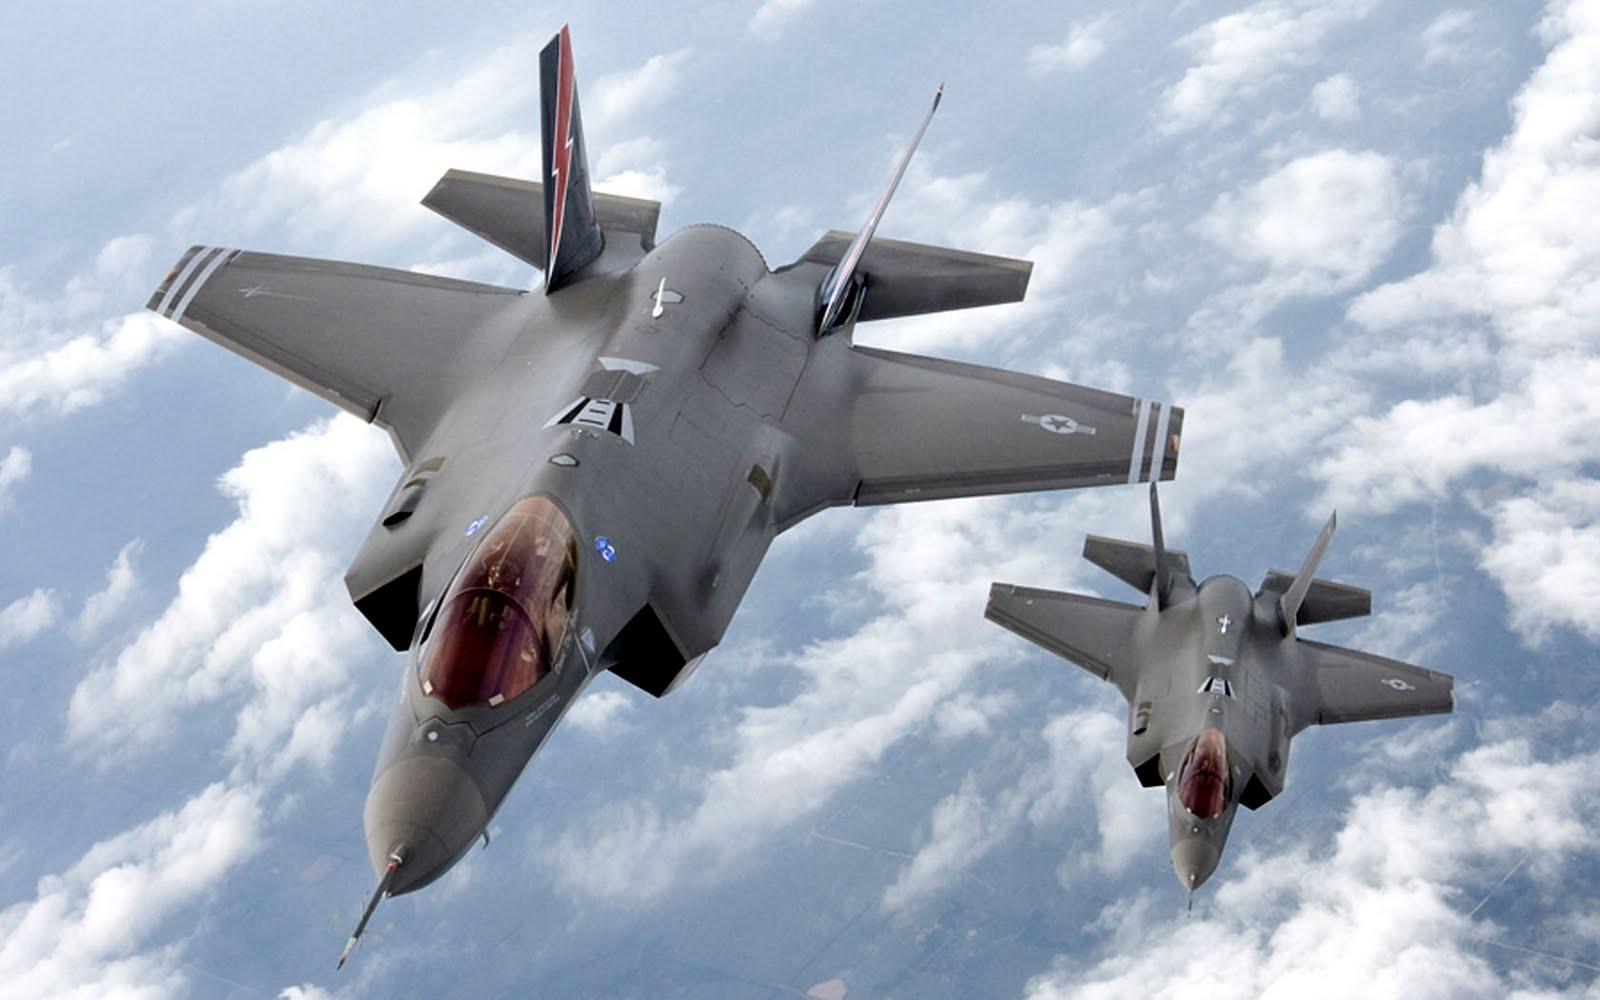 Η Ιταλία έχει λεφτά για 90 μαχητικά F-35